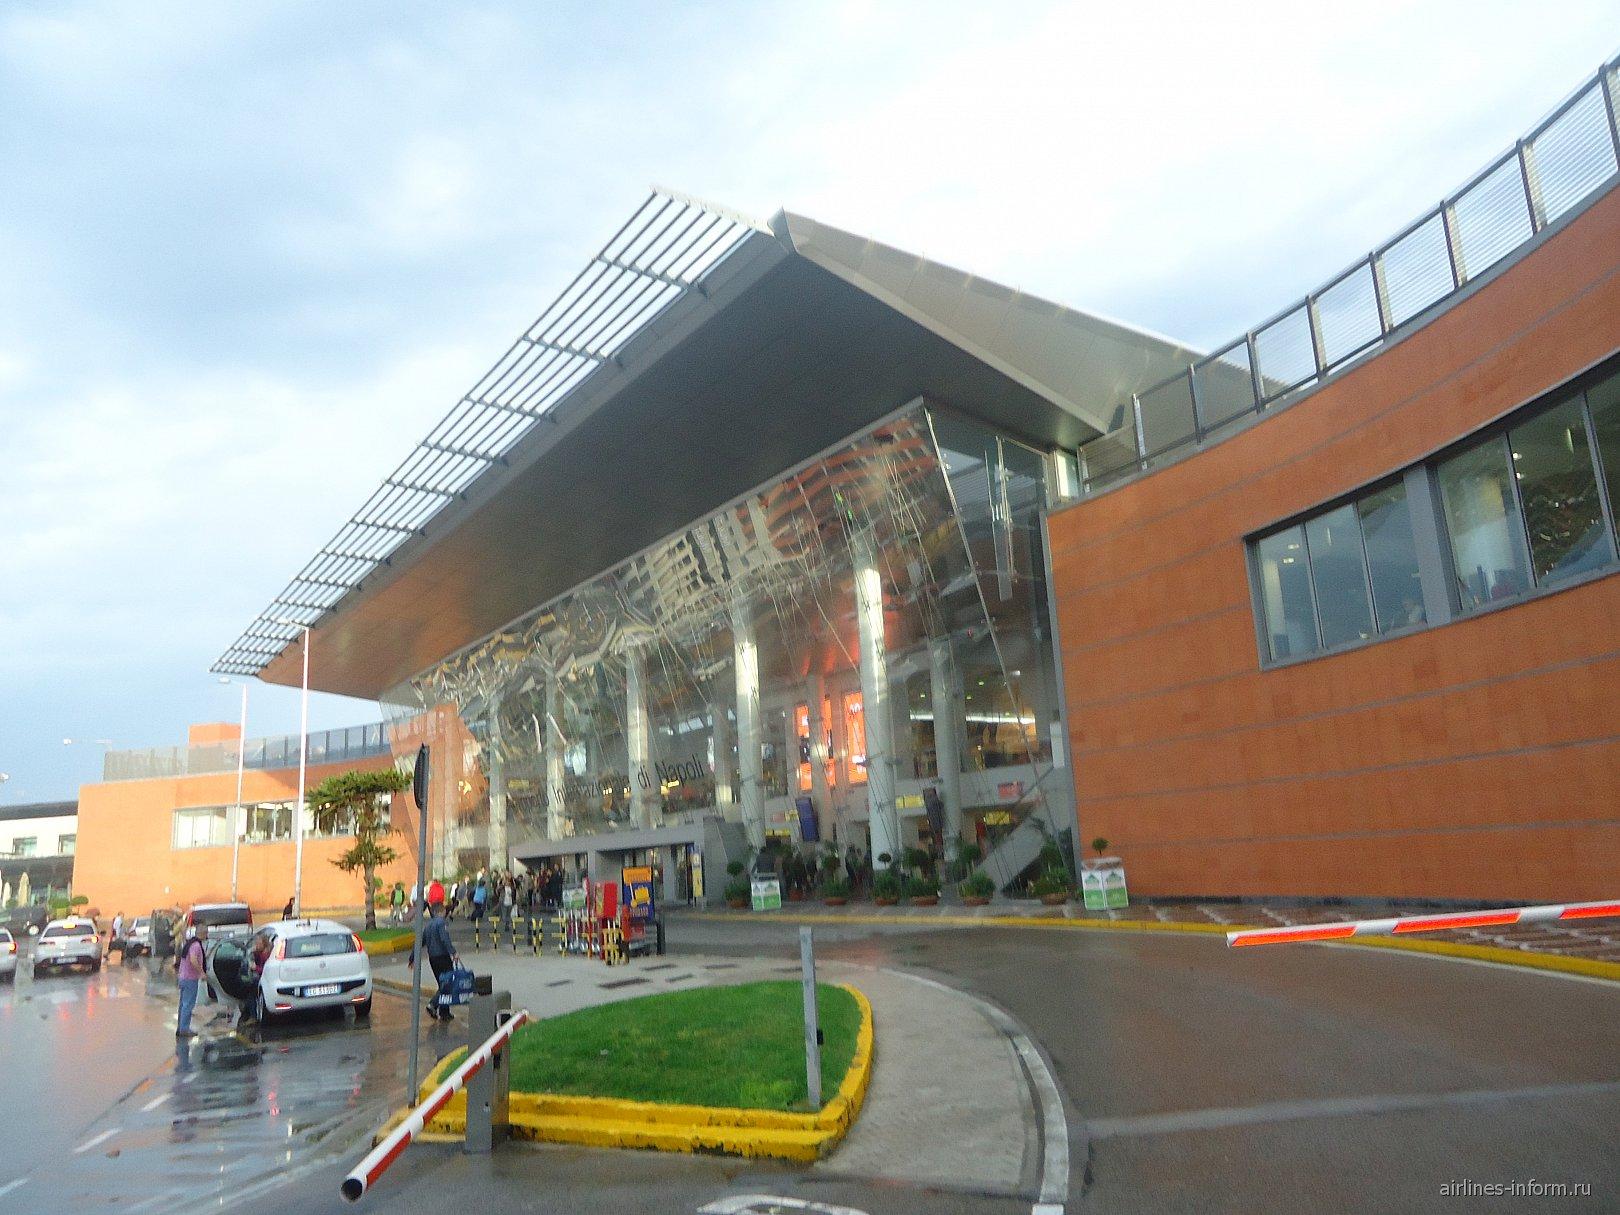 Аэровокзал аэропорта Неаполь